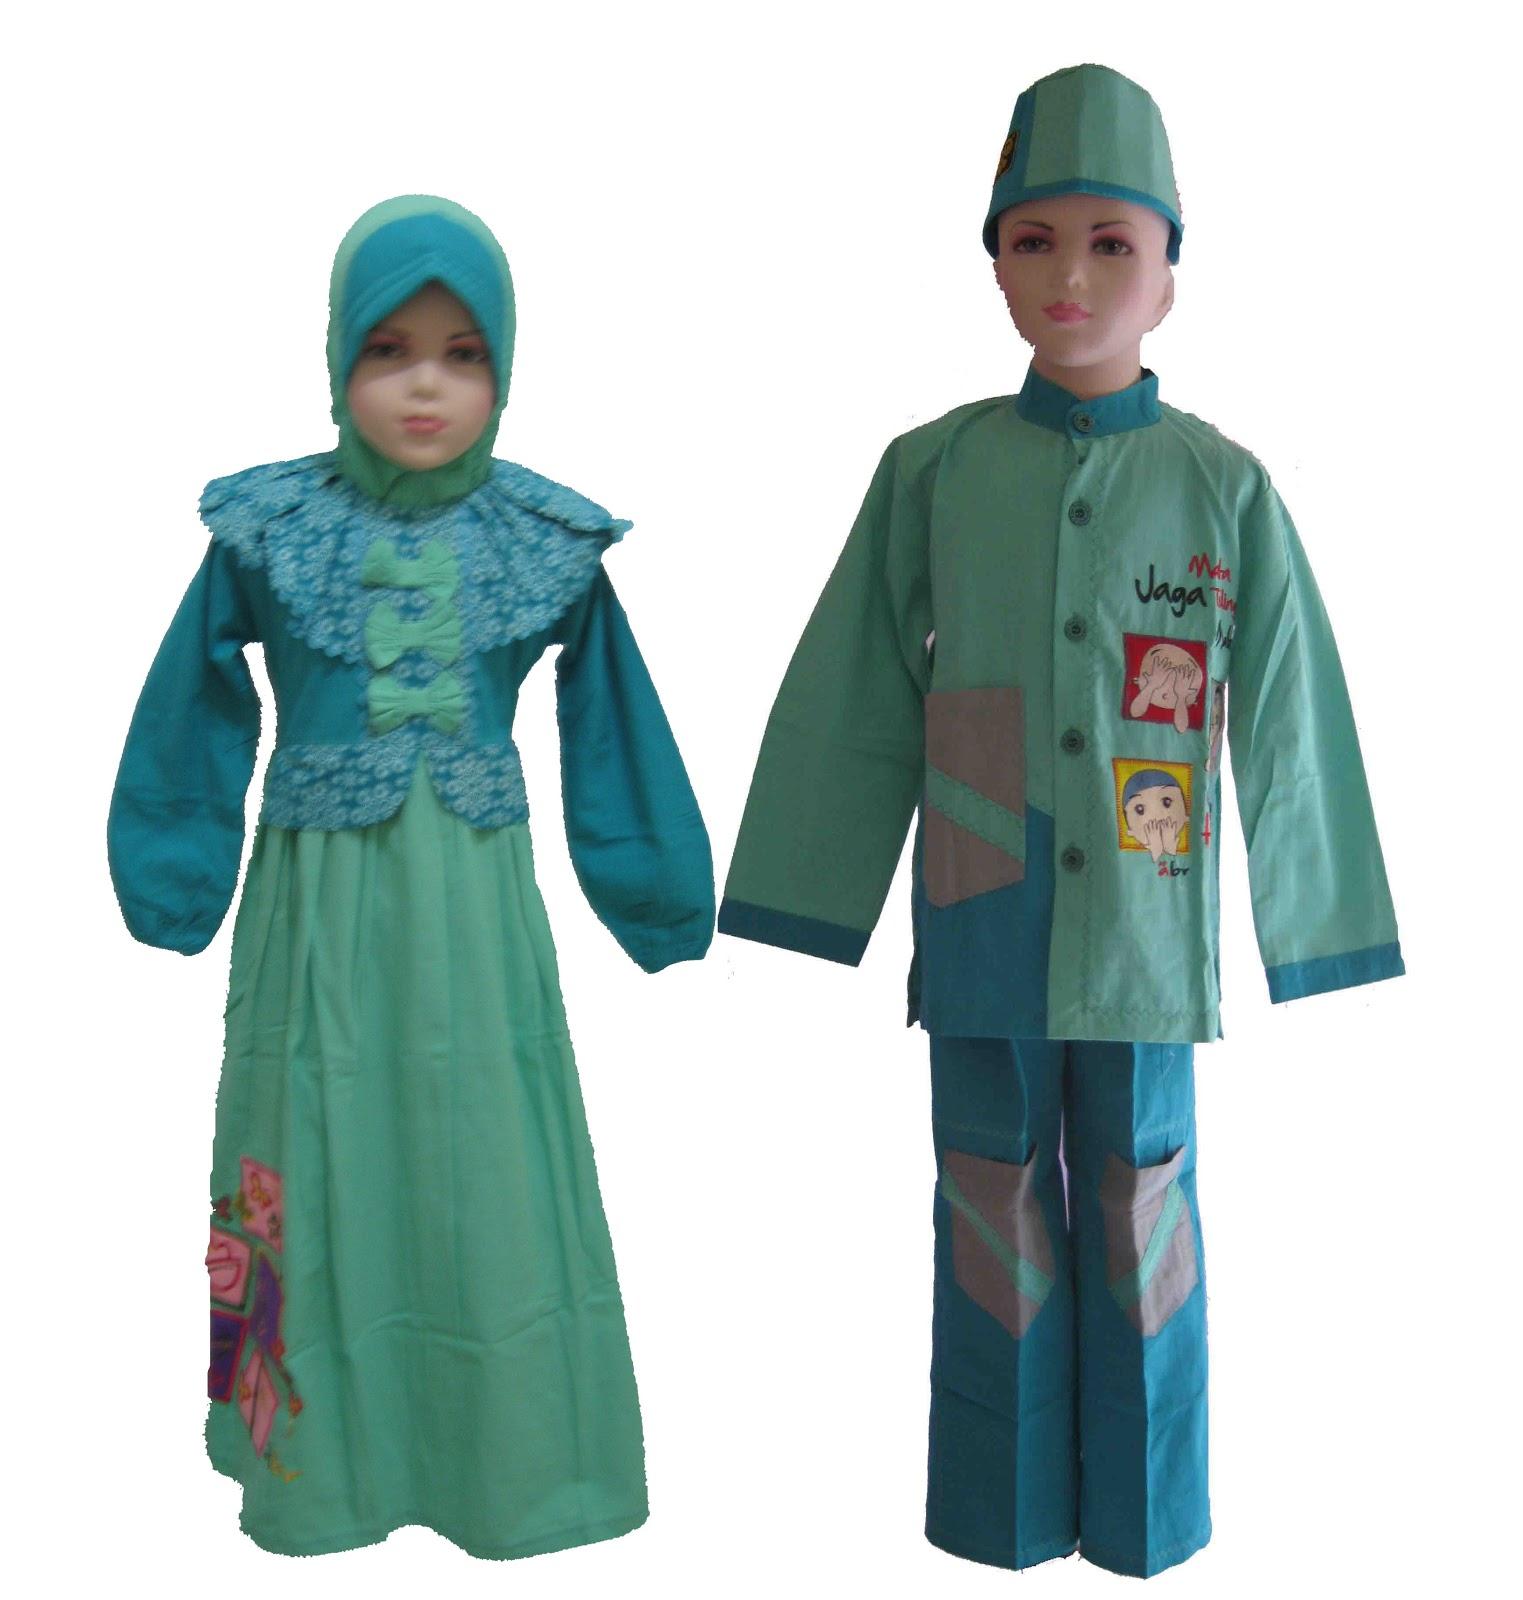 Seragam baju muslim seragam muslim bahan katun kanvas Baju gamis n koko couple